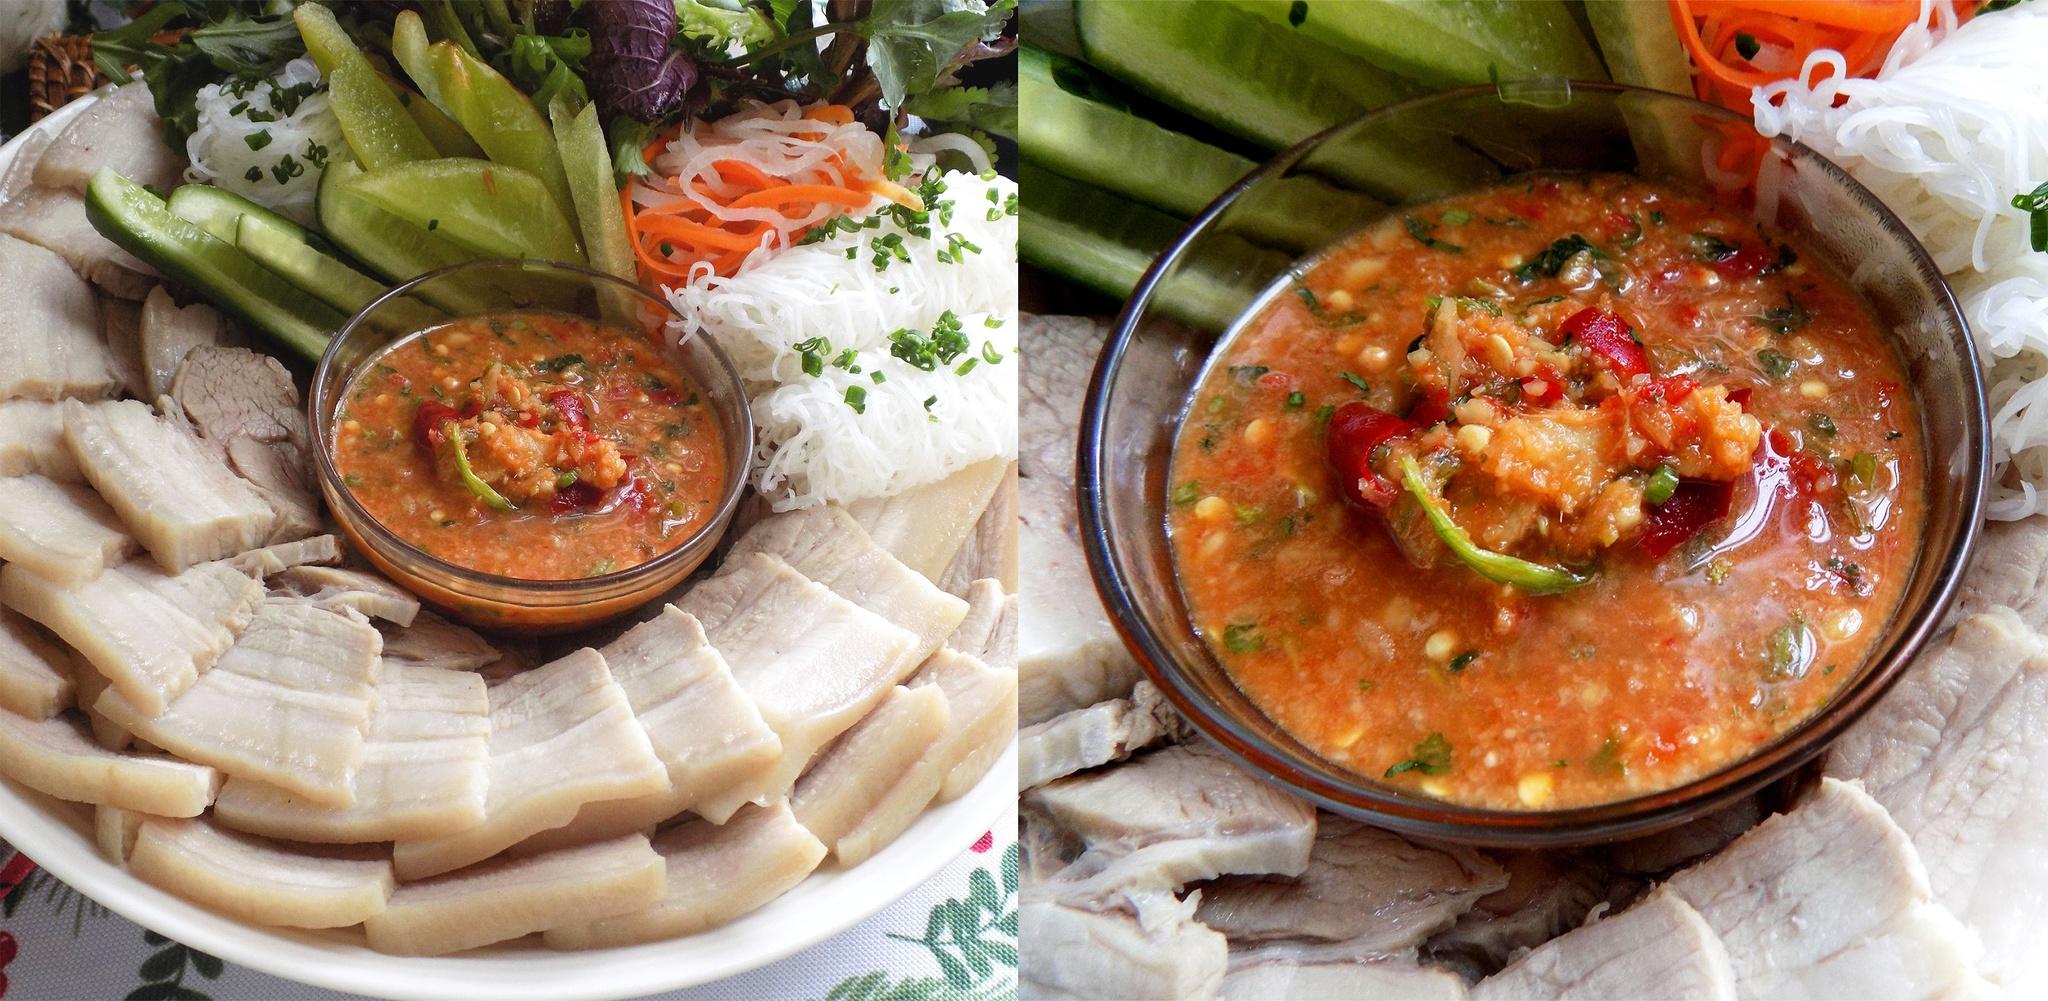 Công thức pha nước chấm thịt luộc chua ngọt chuẩn vị Thái ngon đậm đà